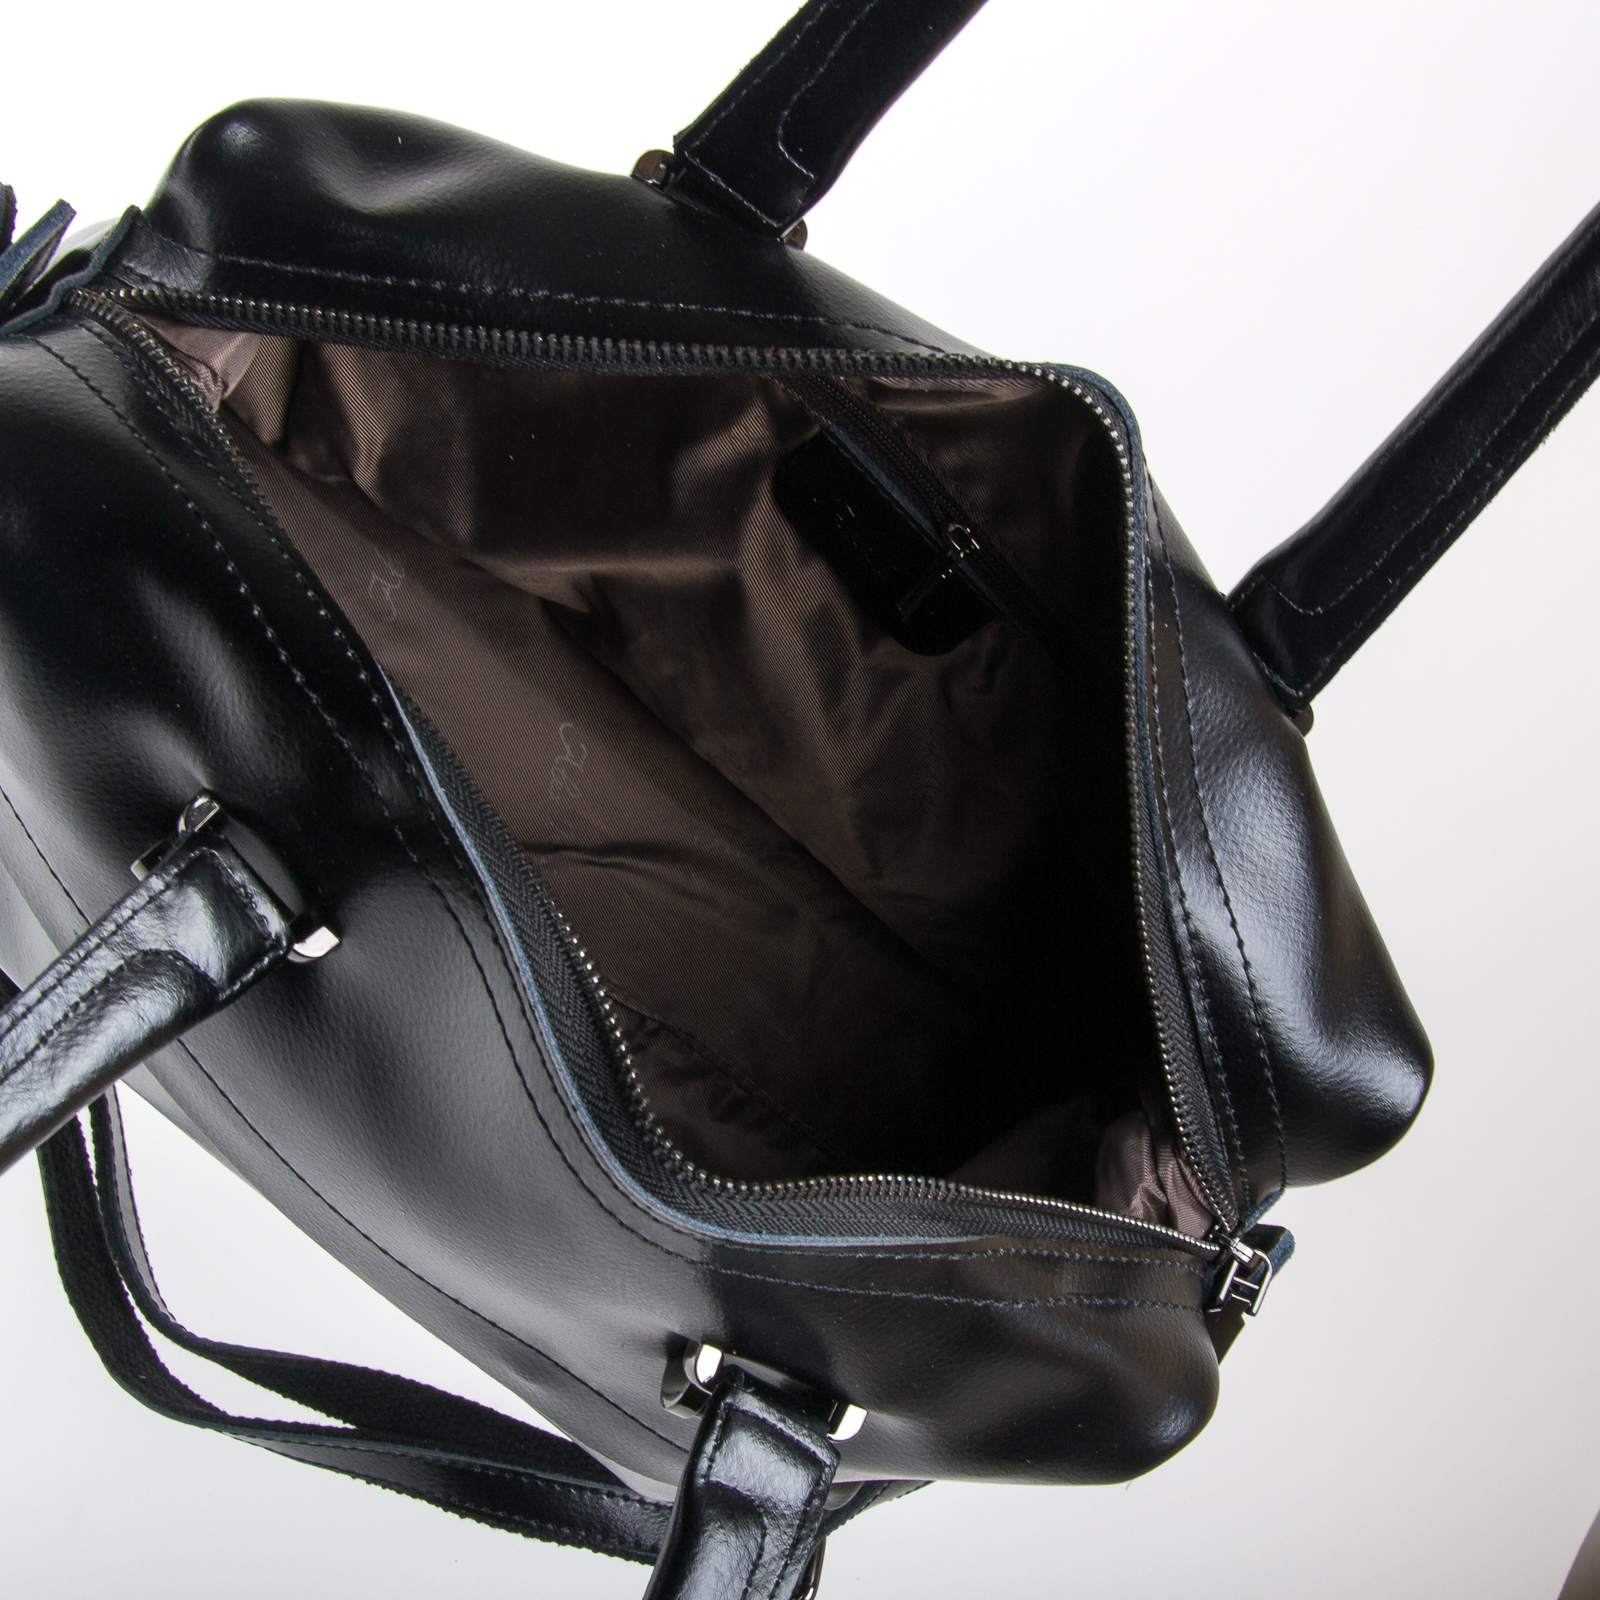 Сумка Женская Классическая кожа ALEX RAI 03-01 P1532 black - фото 5